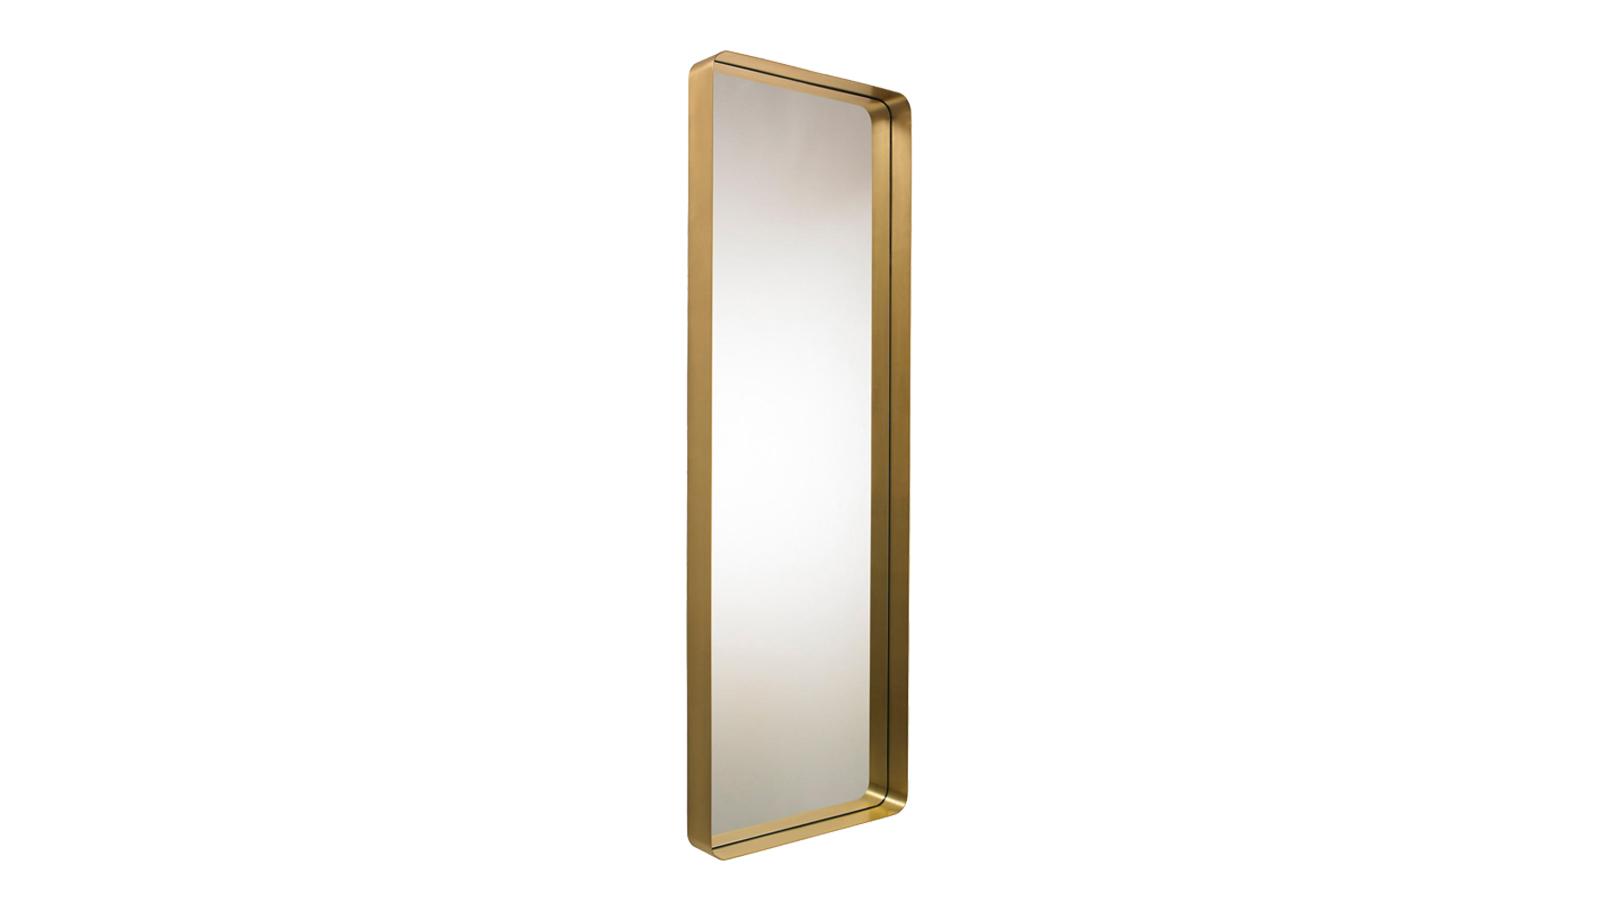 A Cypris tükörsorozat szándékosan az ötvenes évek glamour-ját idézi fel harmonikus íveivel és a fal síkjából kiemelkedő keretével, mely – amennyiben a tükröt a falra szereljük – akár lerakófelületként is funkcionálhat. A tükör több méretben, formában és többféle kerettel elérhető.